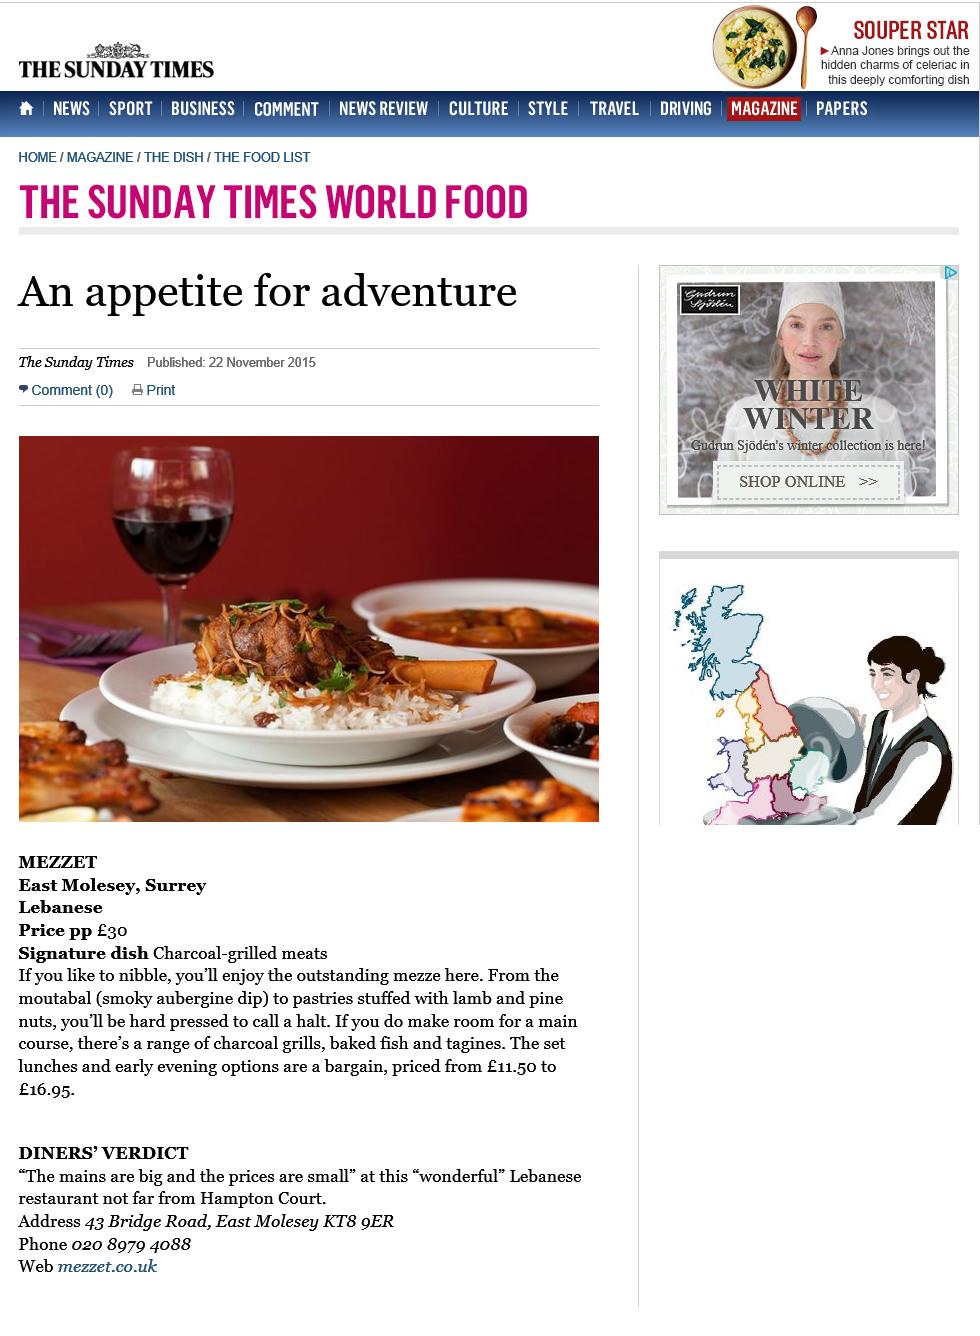 Mezzet Lebanese Restaurant - East Molesey - Sunday Times article